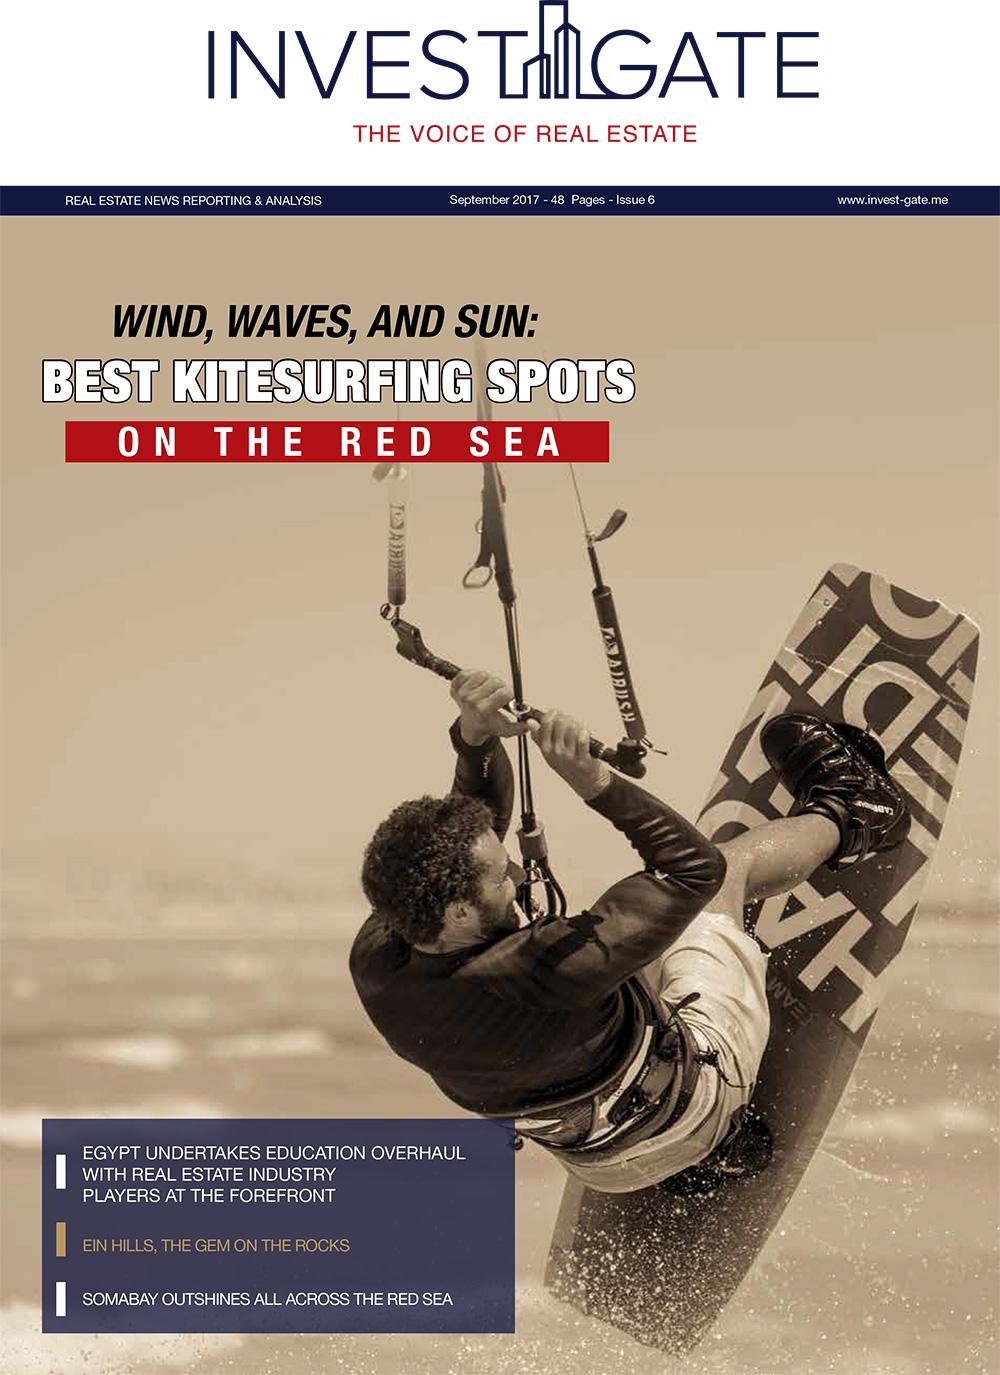 September 2017 Issue